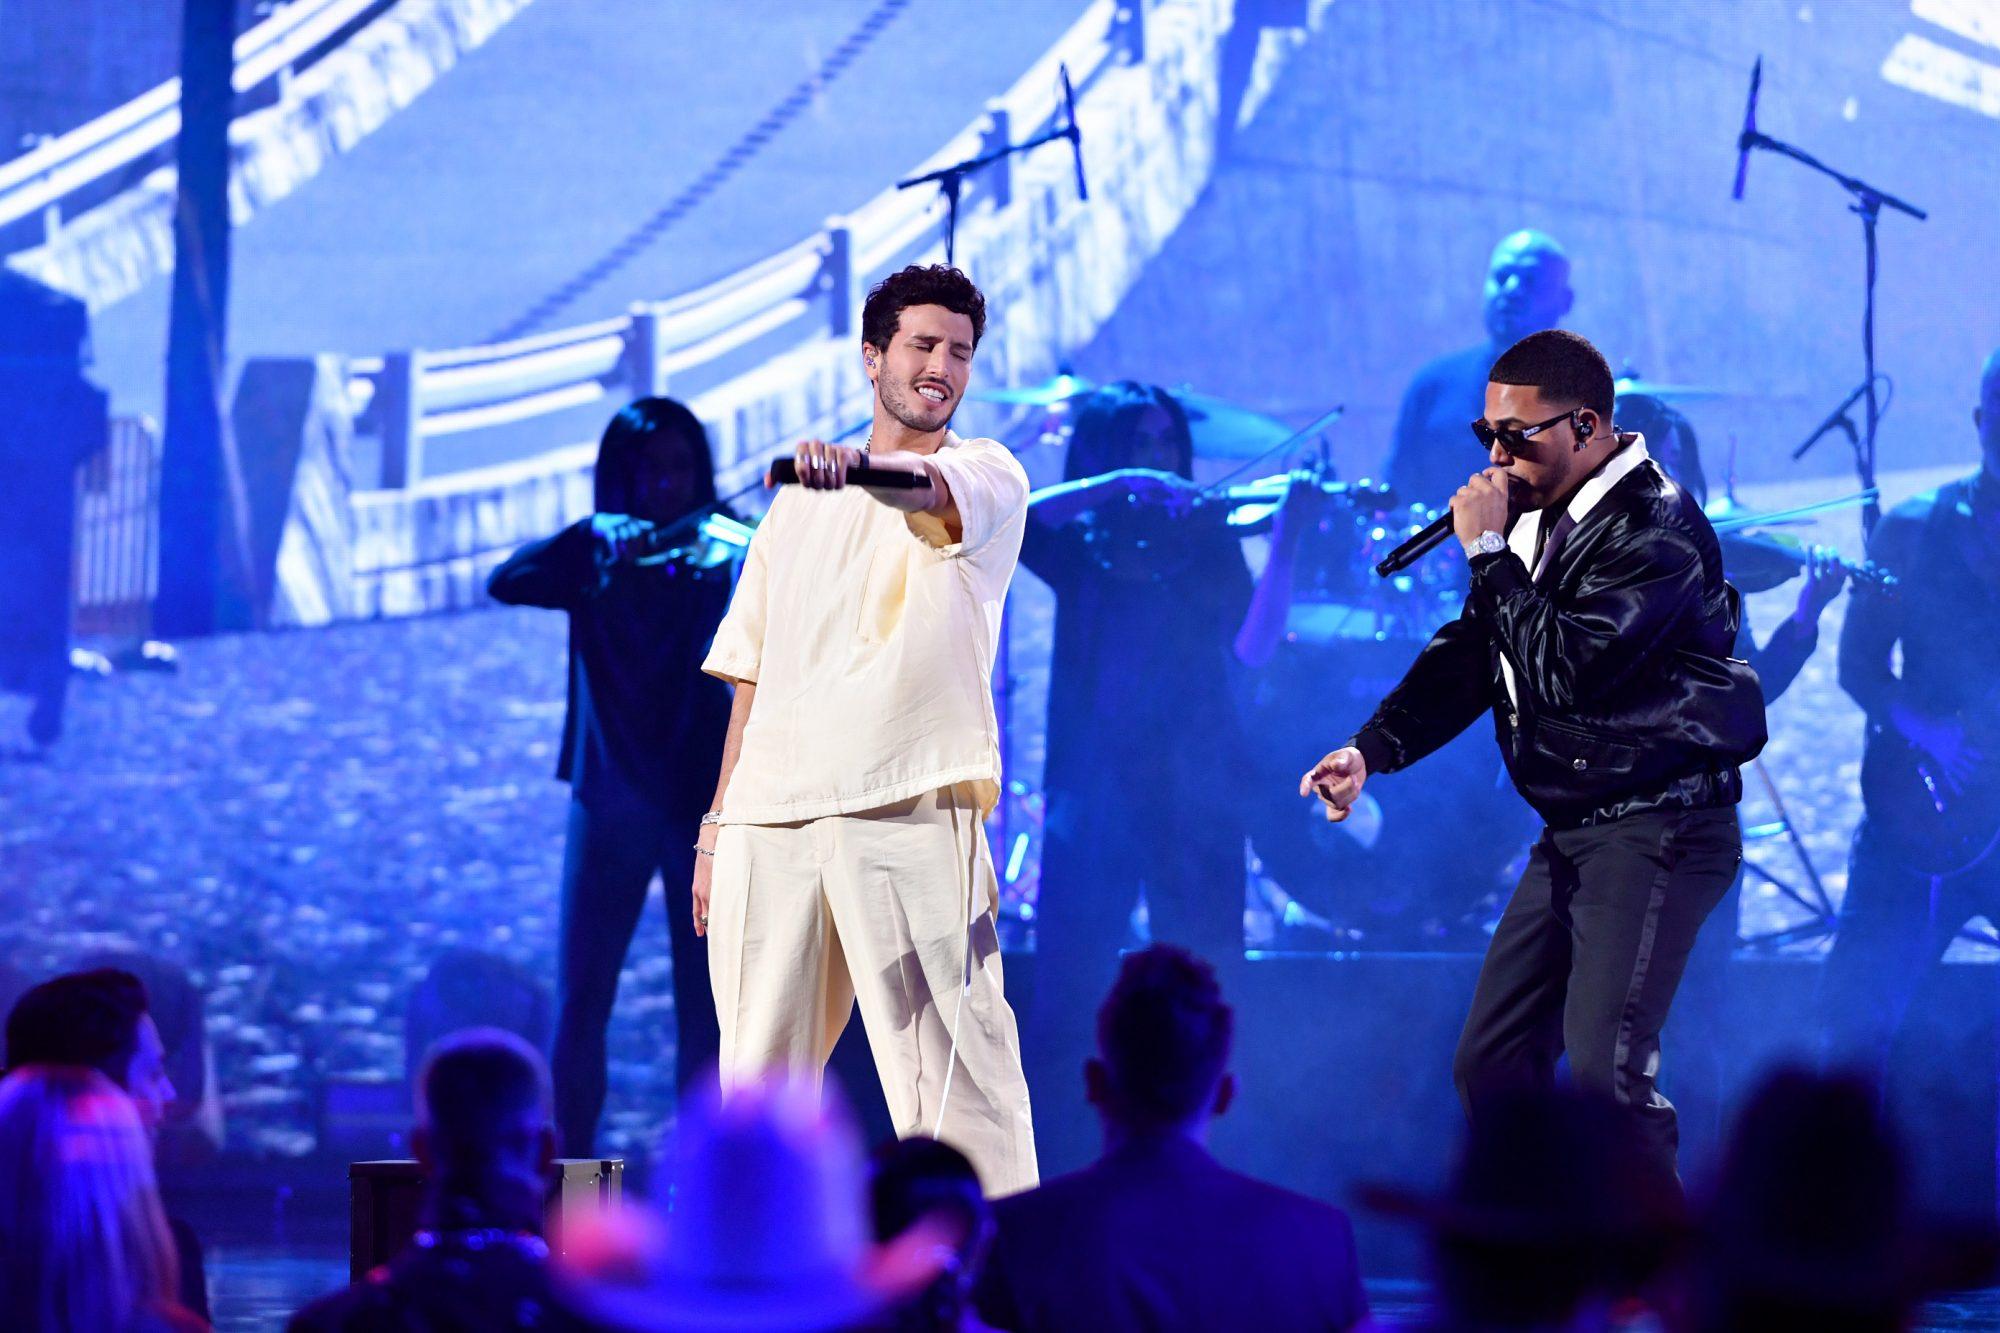 Sebastian Yatra and Myke Towers perform onstage at Premios Juventud 2021 at Watsco Center